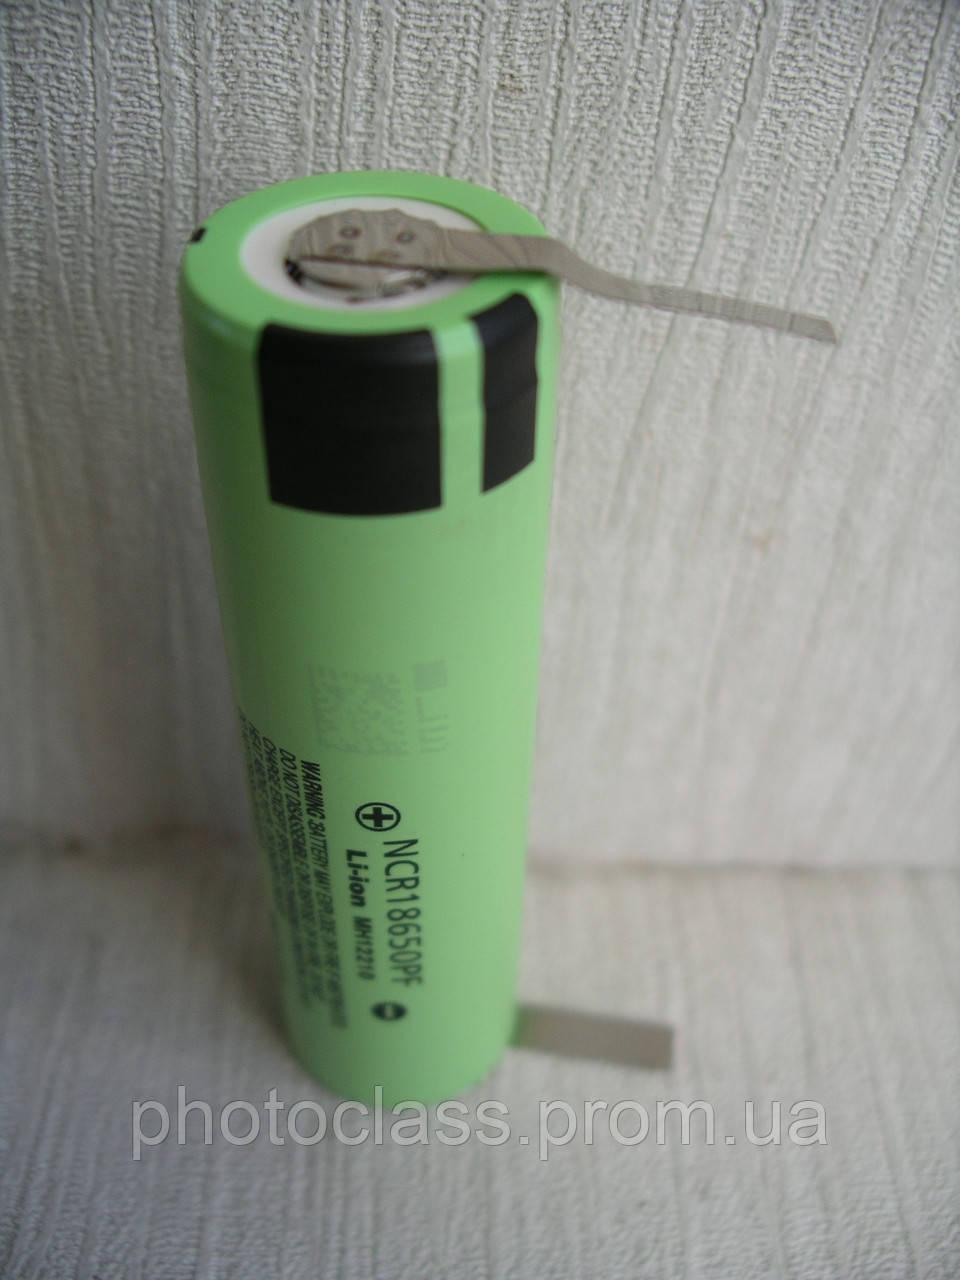 Аккумулятор с выводами U-tags Li-ion PanasonicNCR18650PF 2900mAh